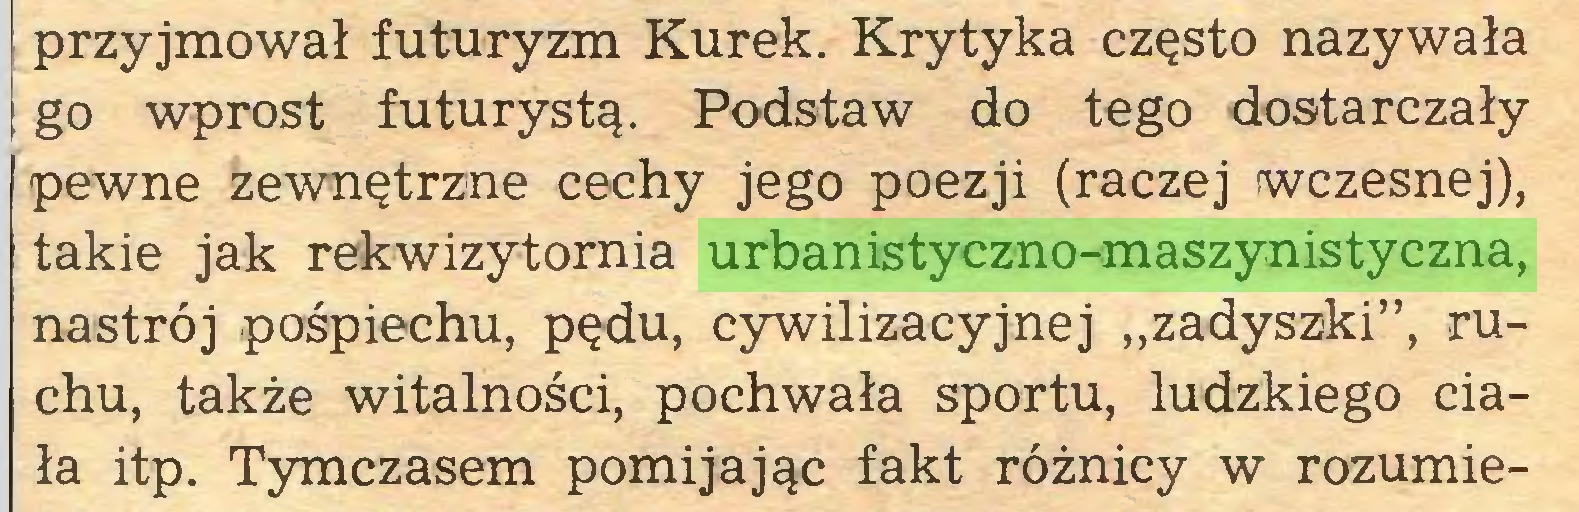 """(...) przyjmował futuryzm Kurek. Krytyka często nazywała go wprost futurystą. Podstaw do tego dostarczały pewne zewnętrzne cechy jego poezji (raczej wczesnej), takie jak rekwizytornia urbanistyczno-maszynistyczna, nastrój pośpiechu, pędu, cywilizacyjnej """"zadyszki"""", ruchu, także witalności, pochwała sportu, ludzkiego ciała itp. Tymczasem pomijając fakt różnicy w rozumie..."""